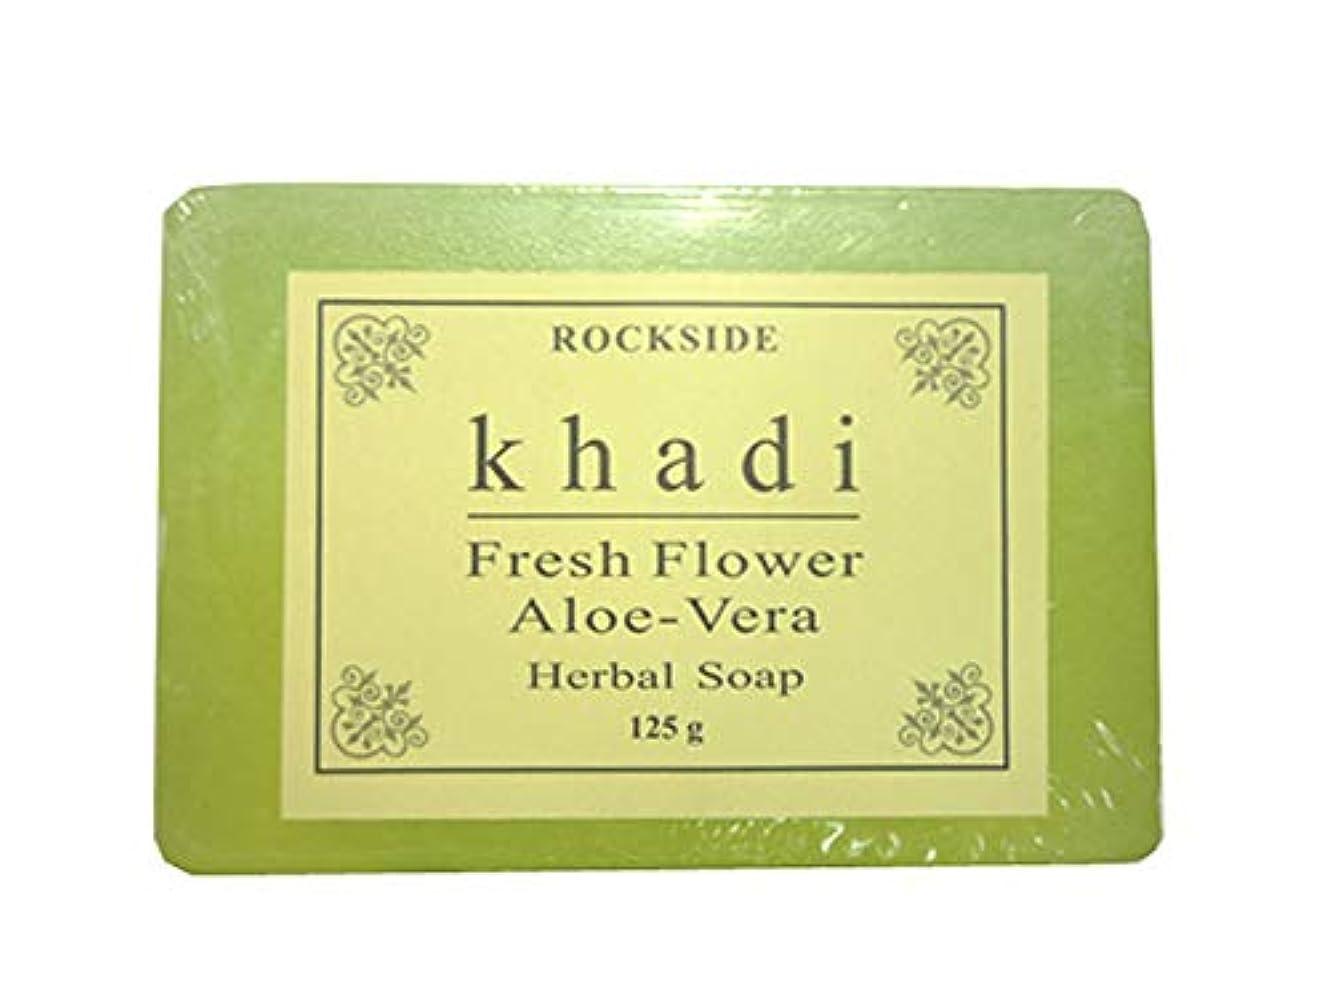 追記型ポータブル手作り  カーディ フレッシュフラワー2 ハーバルソープ Khadi Fresh Flower Aloe-Vera Herbal Soap